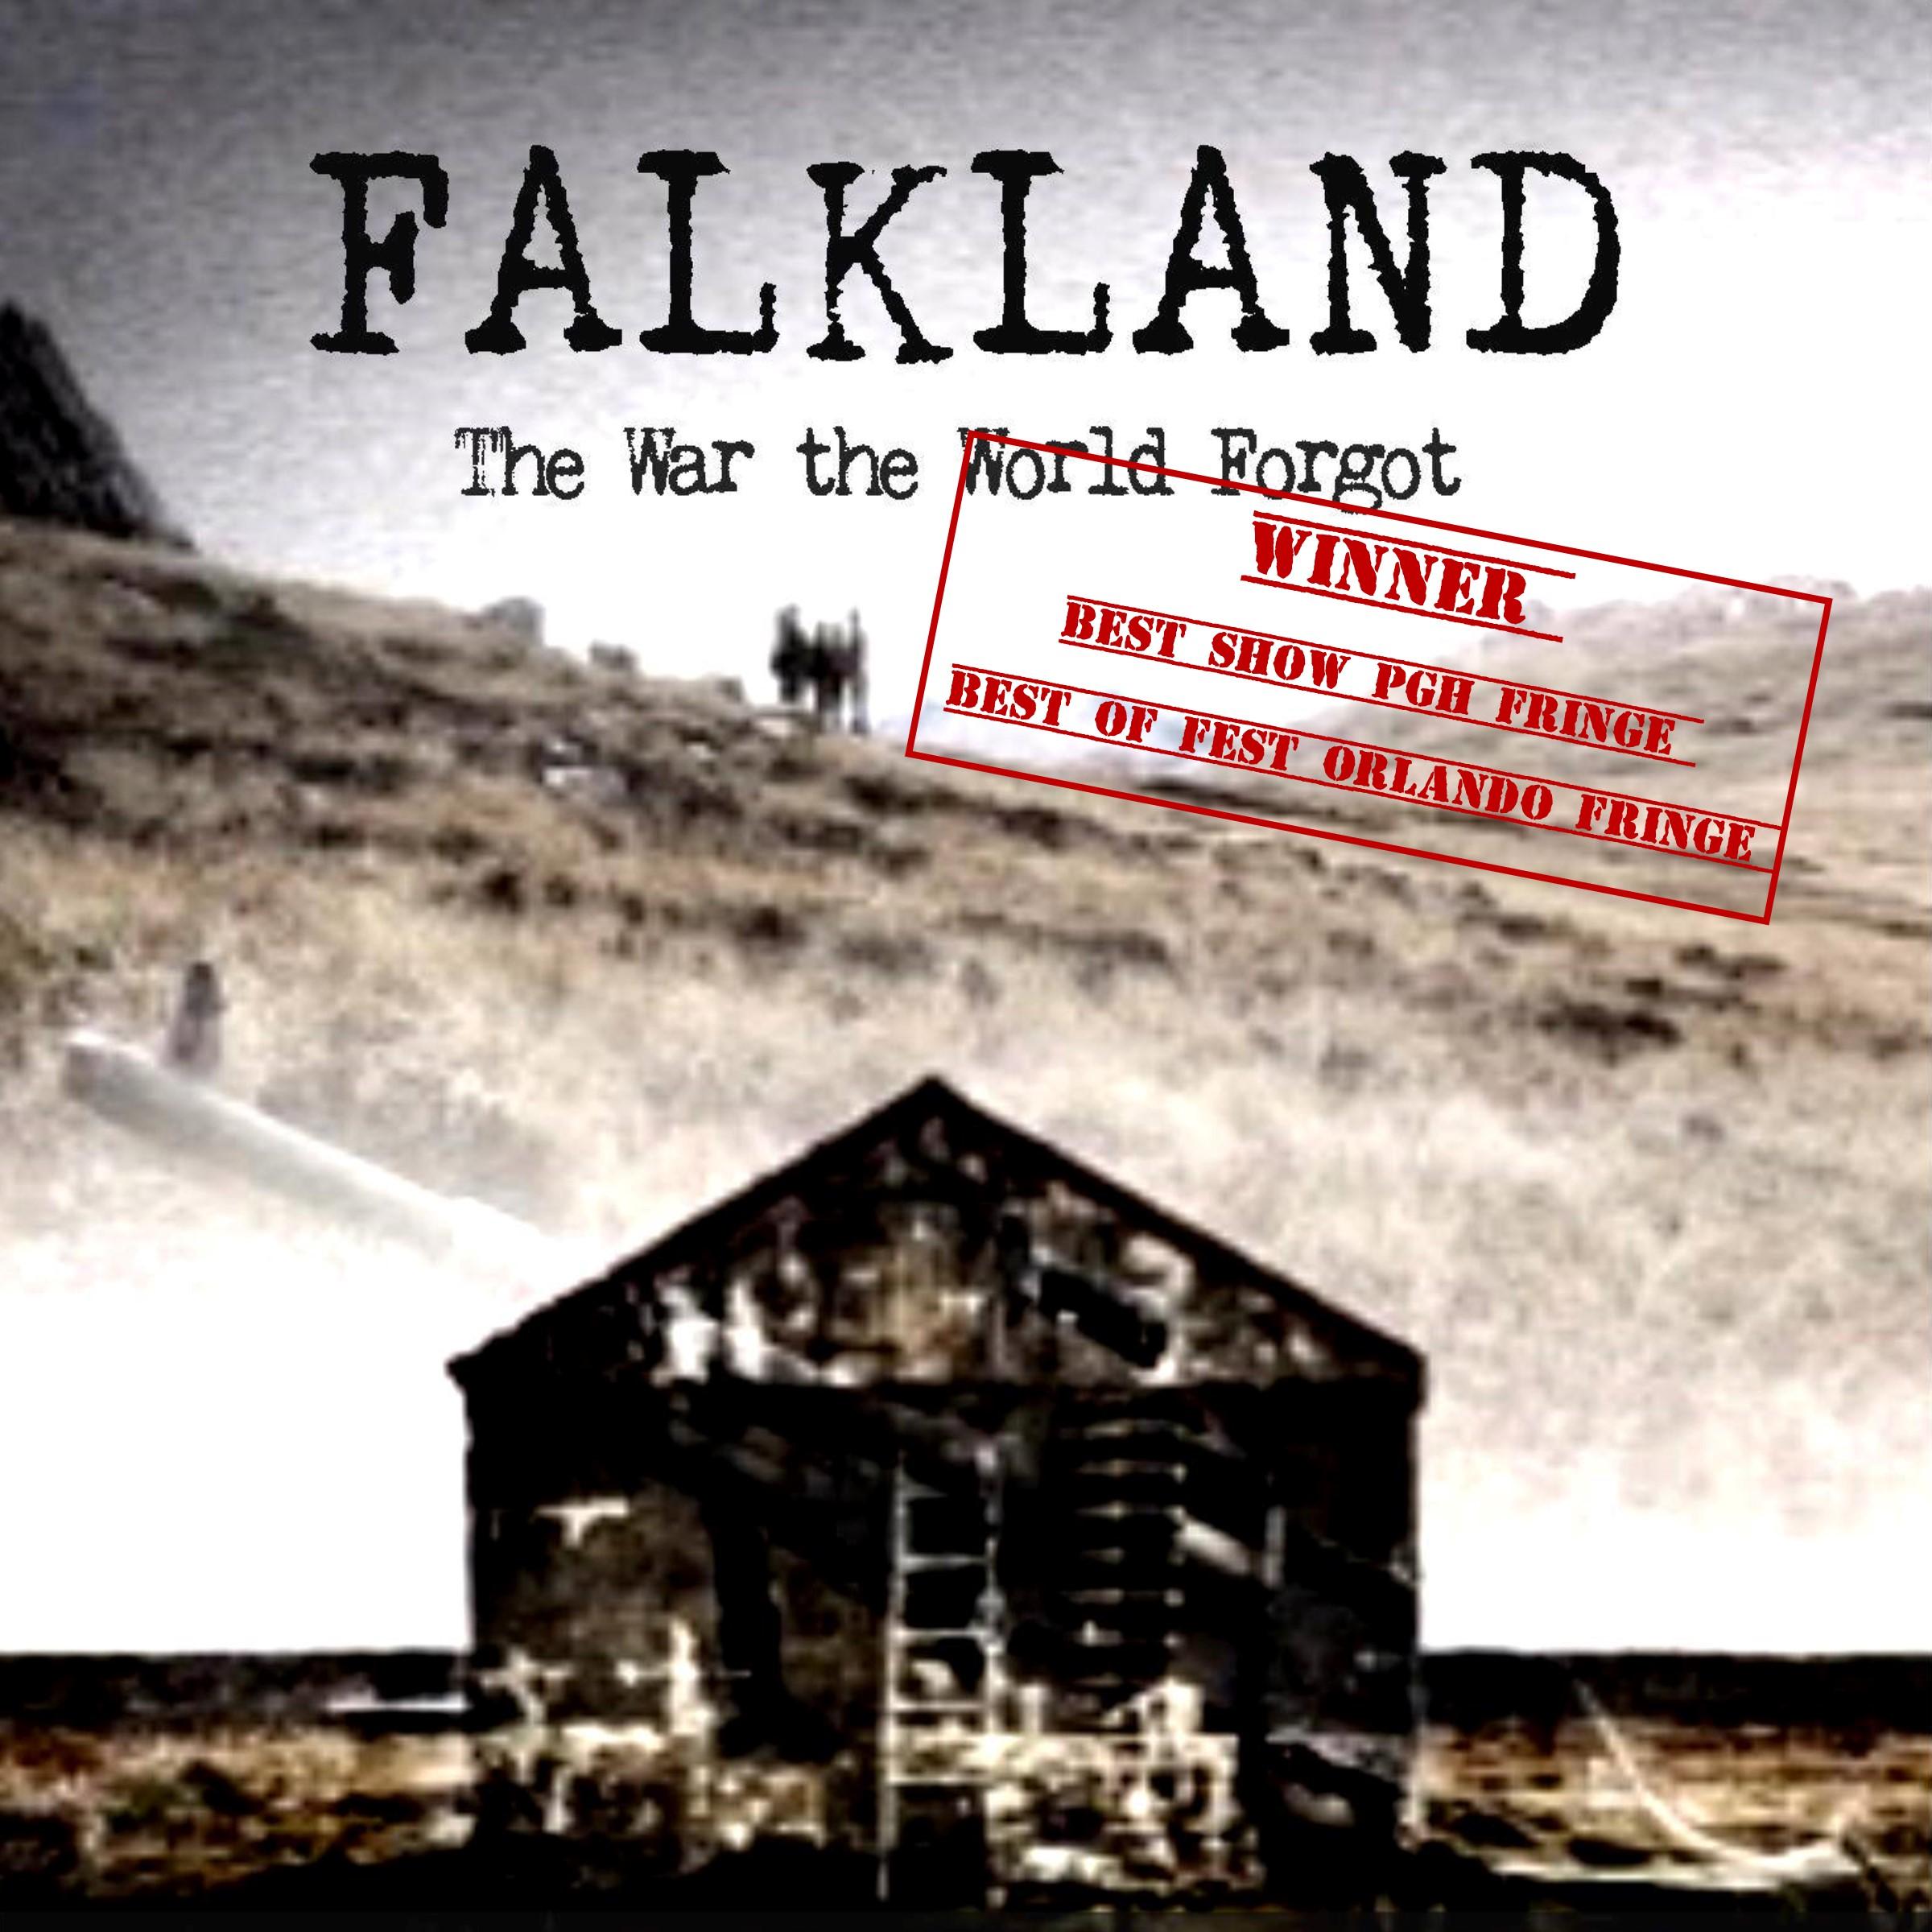 Falkland - The War The World Forgot